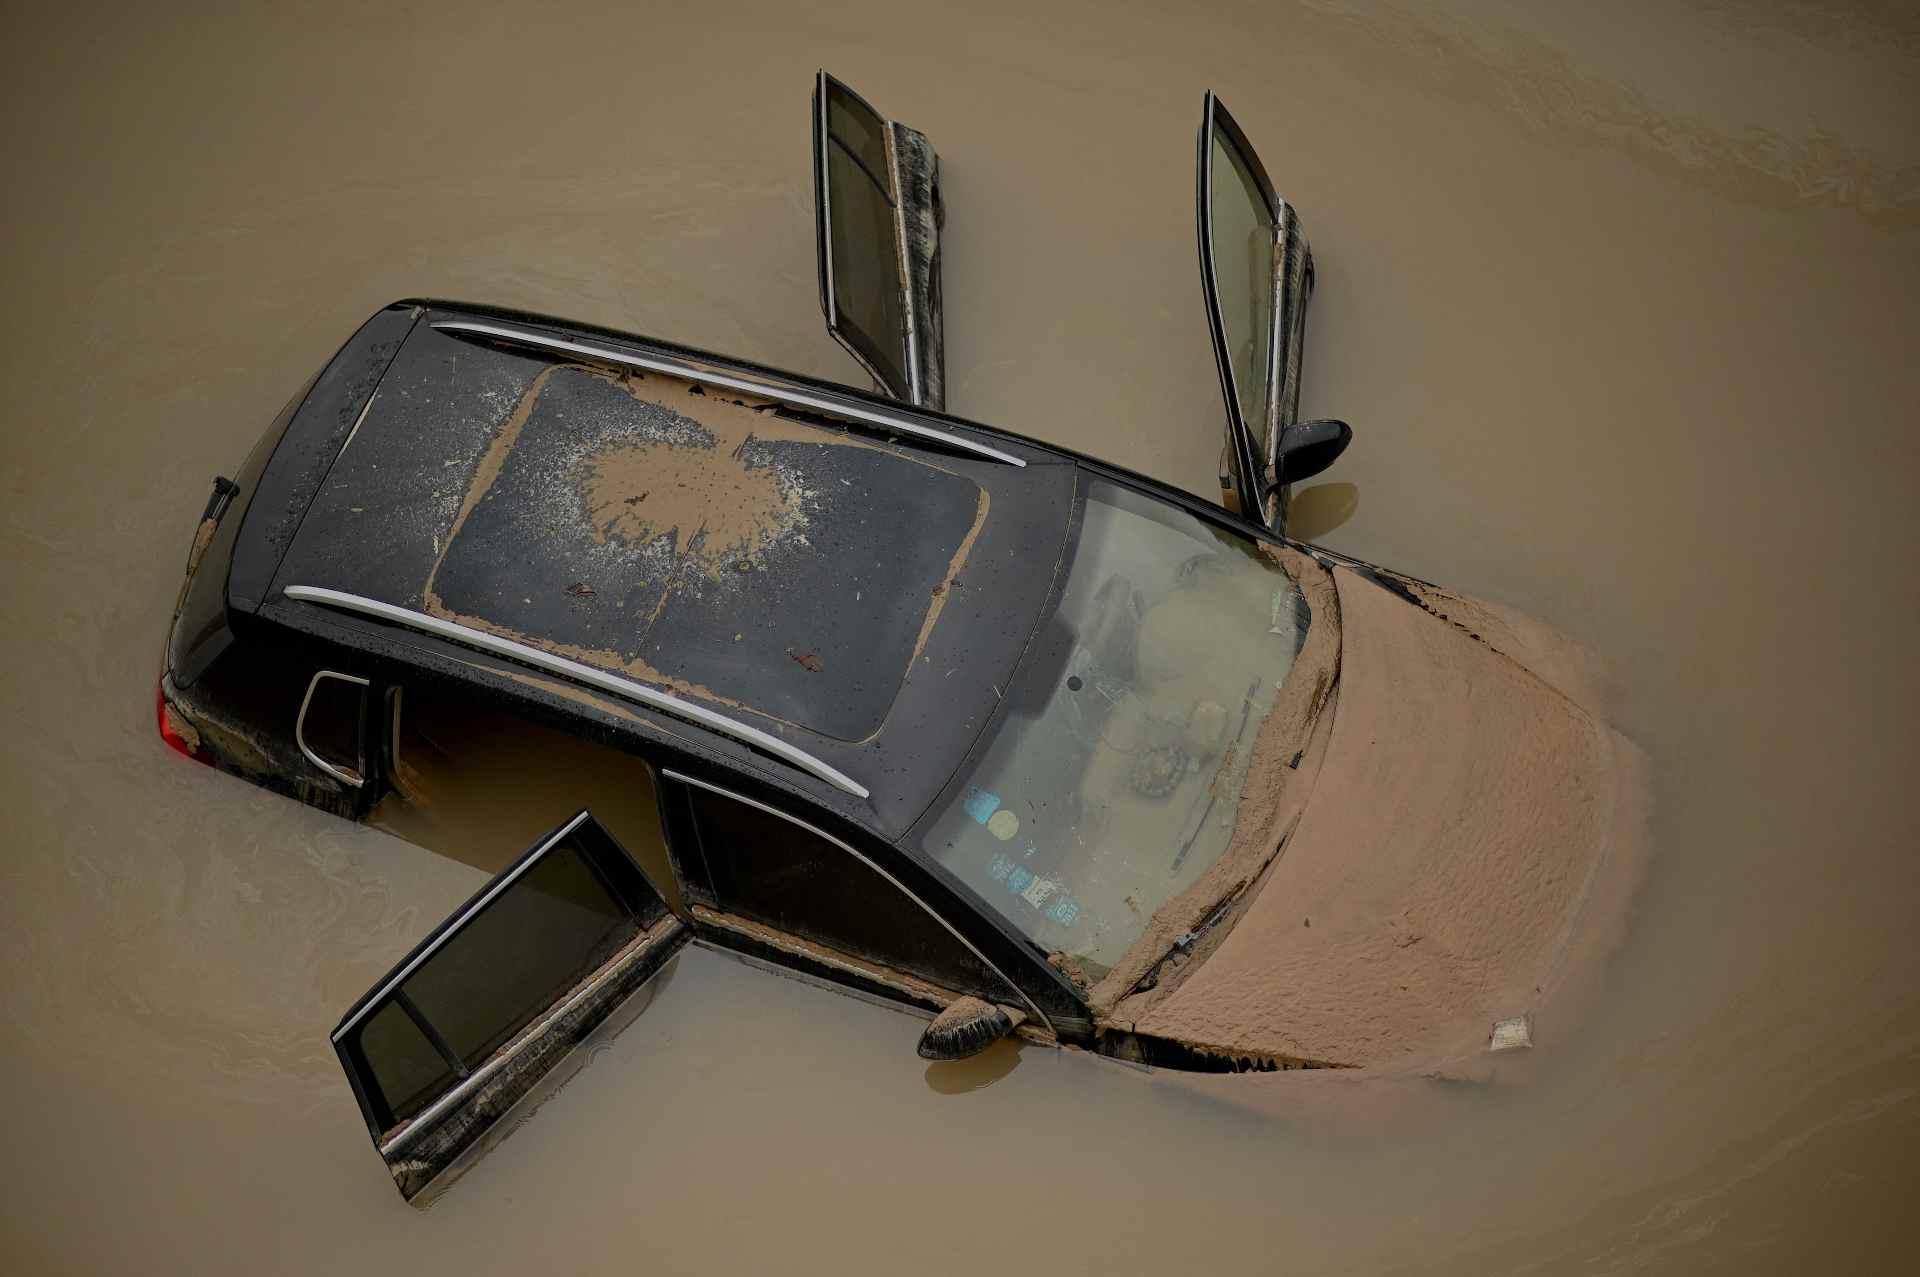 વરસાદને કારણે કેટલાક શહેરોમાં લેન્ડ સ્લાઈડની ઘટના પણ બની. ગોંગયી શહેરમાં ઘર અને દિવાલ ધરાશાયી થવાની ઘટનામાં ચાર લોકોના મોત થયા છે.